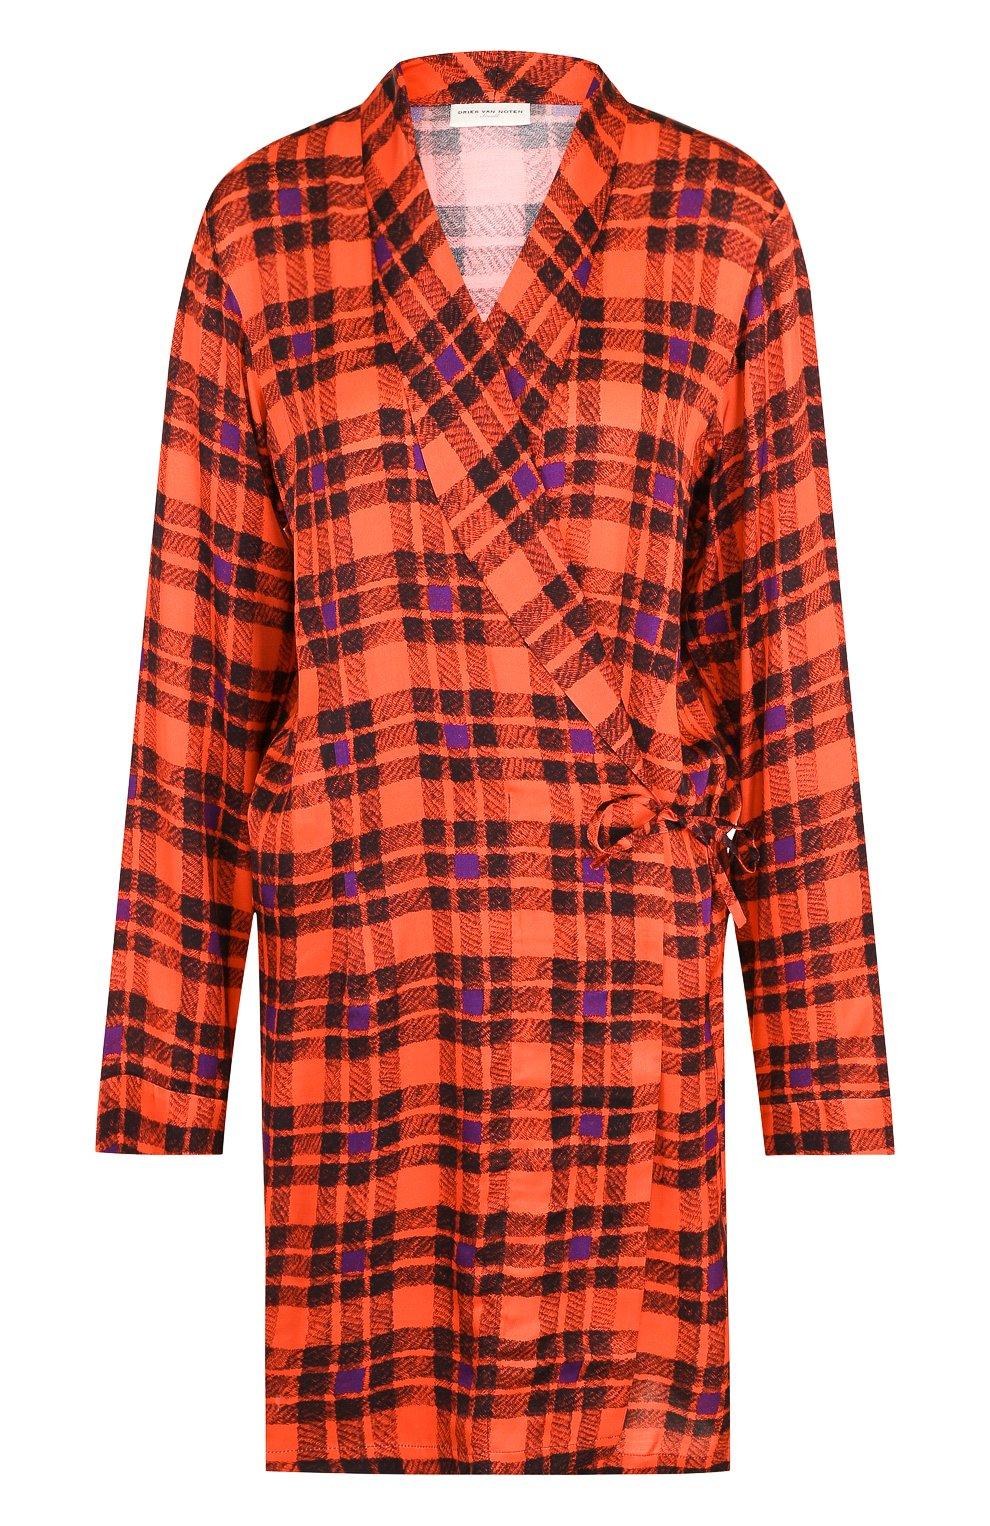 d94d0cee584 Женская красная удлиненная блуза в клетку с запахом DRIES VAN NOTEN ...